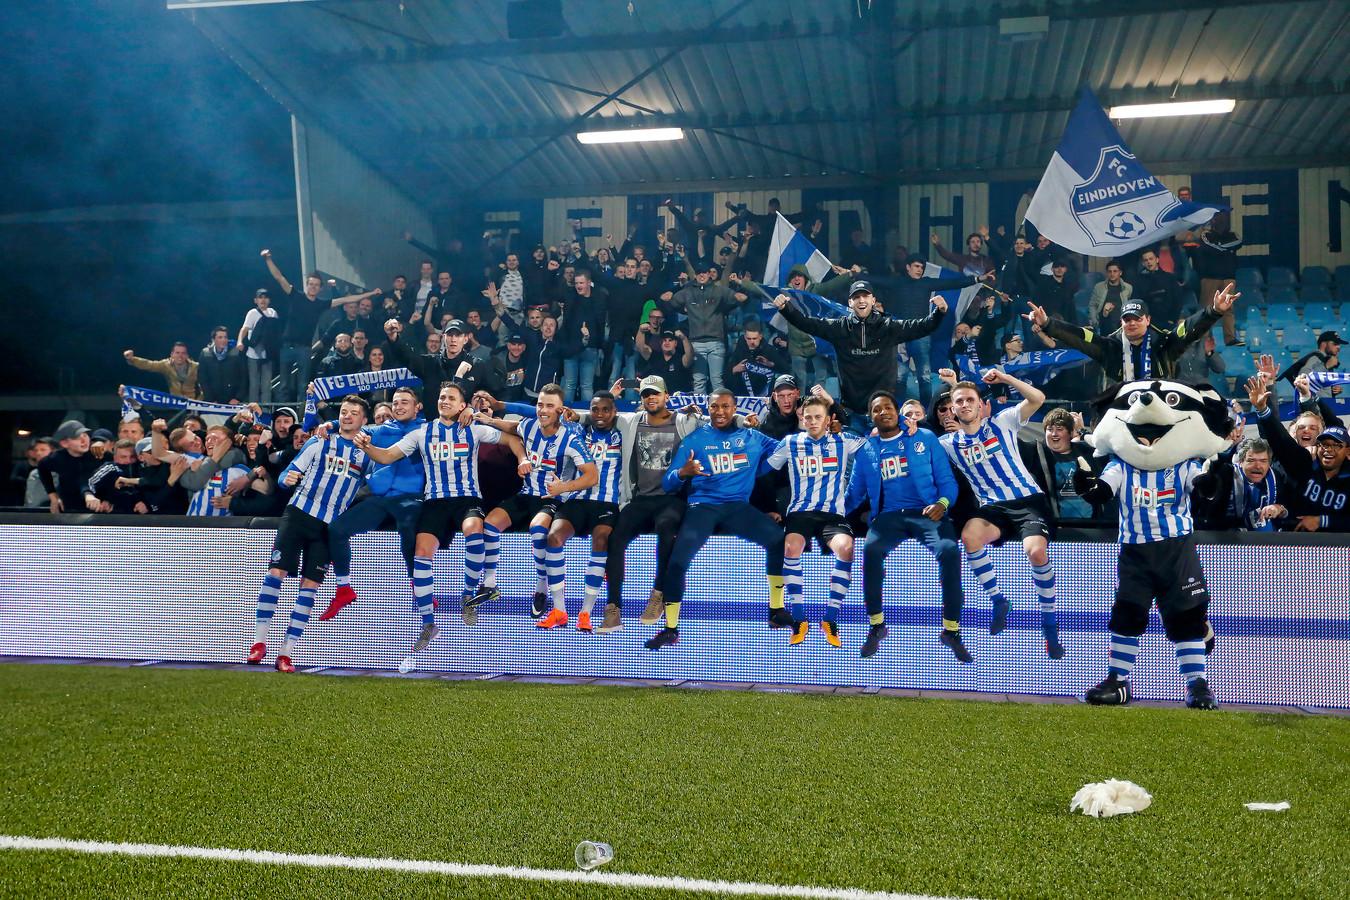 FC Eindhoven-spelers poseren met de supporters.